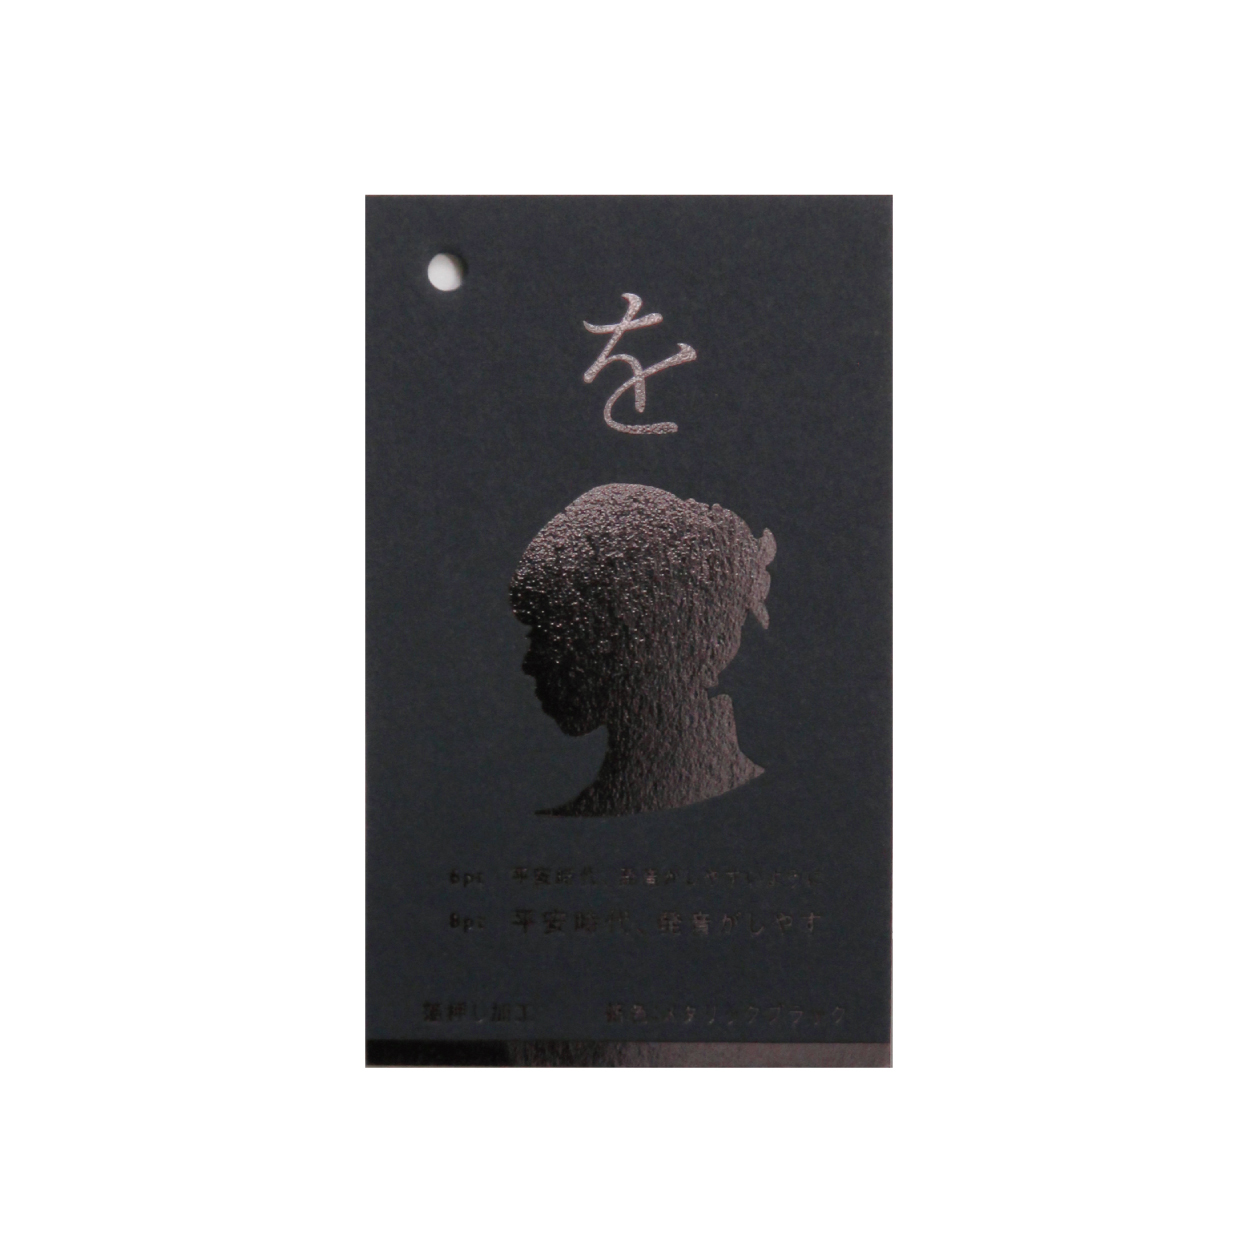 箔色見本 00114 メタリックブラック箔 コットンミッドナイトブルー 291g